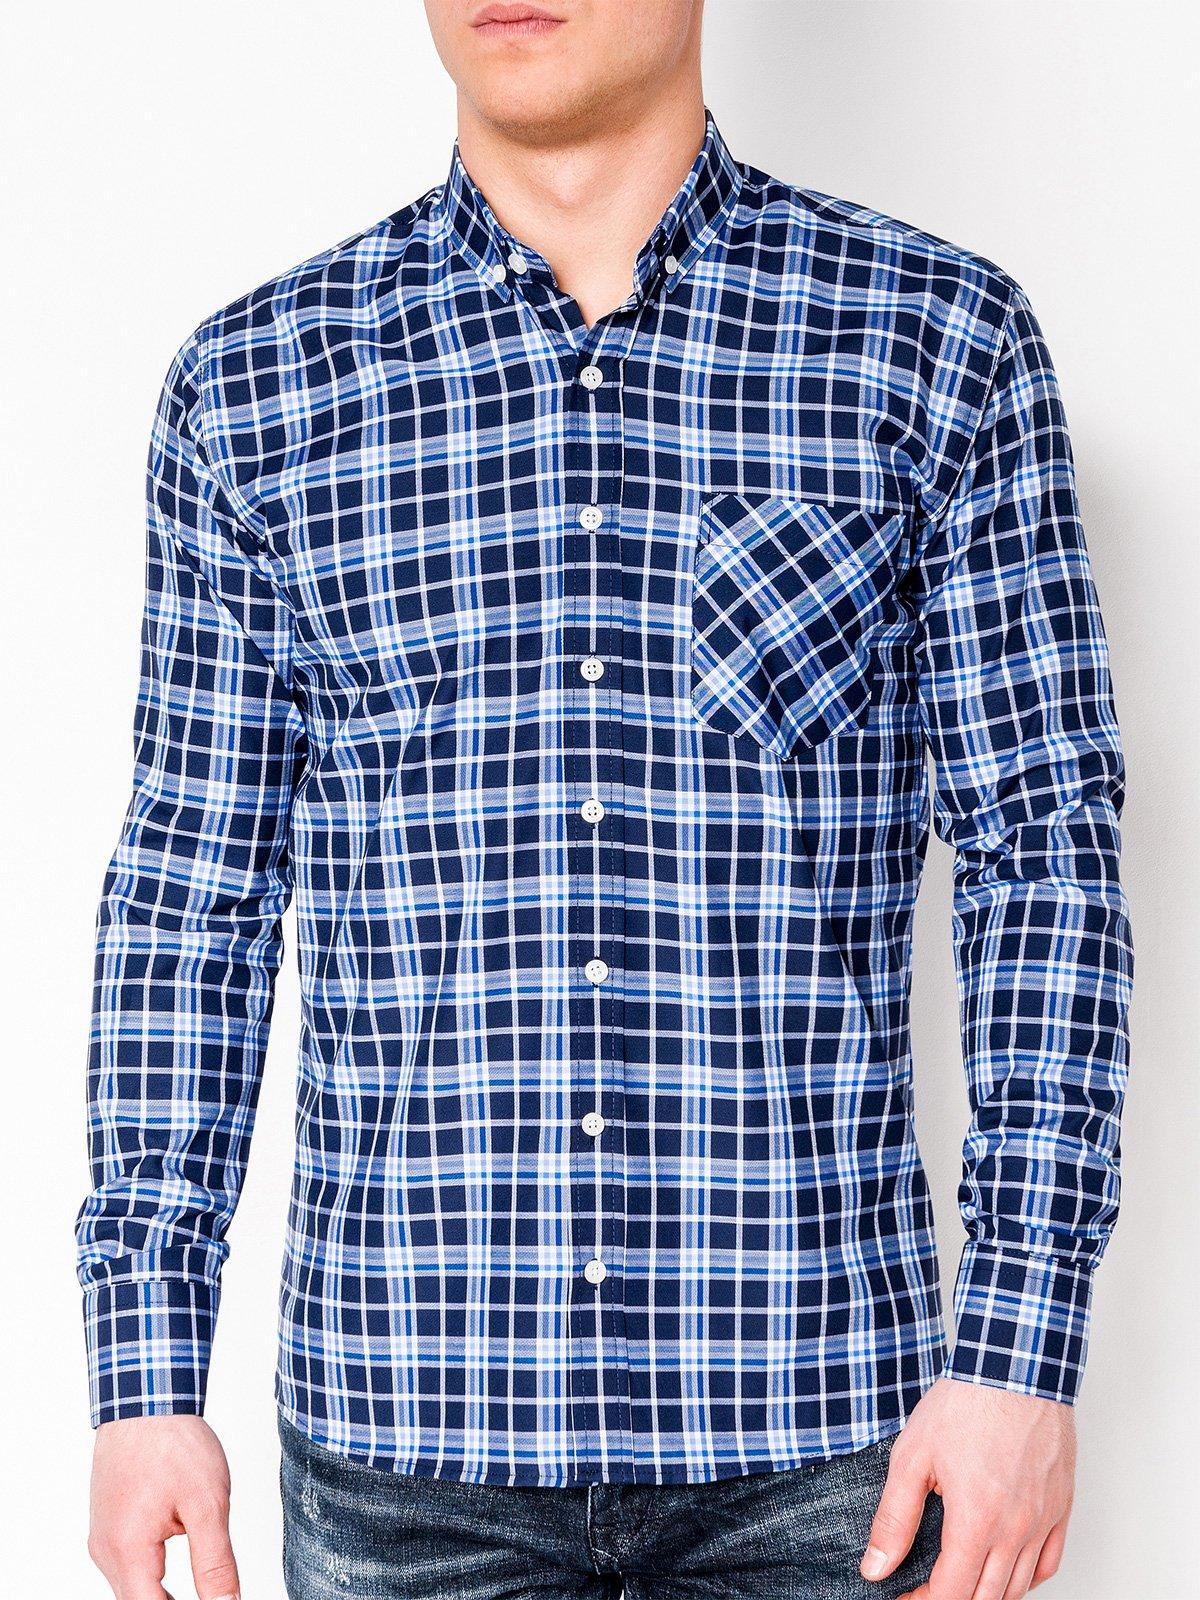 5066cbd5a0e ... Мужская рубашка в клетку с длинным рукавом K396 - темно-синяя синяя ...